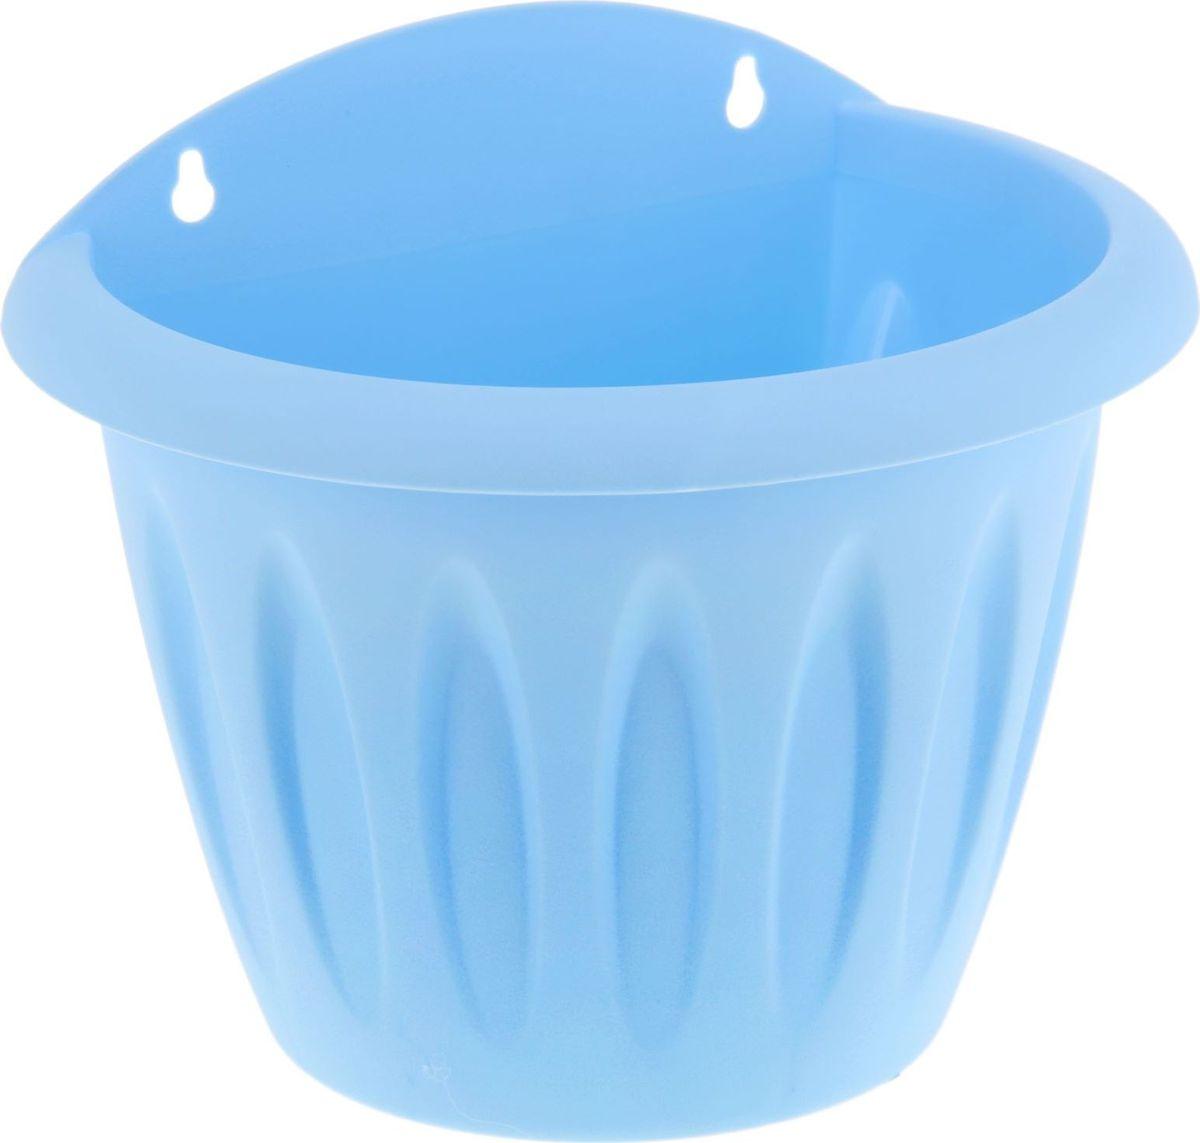 Кашпо Martika Фелиция, настенное, цвет: голубой, 20 х 14 х 17 см531-401Любой, даже самый современный и продуманный интерьер будет не завершённым без растений. Они не только очищают воздух и насыщают его кислородом, но и заметно украшают окружающее пространство. Такому полезному члену семьи просто необходимо красивое и функциональное кашпо, оригинальный горшок или необычная ваза! Мы предлагаем - Кашпо настенное d=20 см Фелиция, цвет голубой! Оптимальный выбор материала пластмасса! Почему мы так считаем? -Малый вес. С лёгкостью переносите горшки и кашпо с места на место, ставьте их на столики или полки, подвешивайте под потолок, не беспокоясь о нагрузке. -Простота ухода. Пластиковые изделия не нуждаются в специальных условиях хранения. Их легко чистить достаточно просто сполоснуть тёплой водой. -Никаких царапин. Пластиковые кашпо не царапают и не загрязняют поверхности, на которых стоят. -Пластик дольше хранит влагу, а значит растение реже нуждается в поливе. -Пластмасса не пропускает воздух корневой системе растения не грозят резкие перепады температур. -Огромный выбор форм, декора и расцветок вы без труда подберёте что-то, что идеально впишется в уже существующий интерьер. Соблюдая нехитрые правила ухода, вы можете заметно продлить срок службы горшков, вазонов и кашпо из пластика: -всегда учитывайте размер кроны и корневой системы растения (при разрастании большое растение способно повредить маленький горшок)-берегите изделие от воздействия прямых солнечных лучей, чтобы кашпо и горшки не выцветали-держите кашпо и горшки из пластика подальше от нагревающихся поверхностей. Создавайте прекрасные цветочные композиции, выращивайте рассаду или необычные растения, а низкие цены позволят вам не ограничивать себя в выборе.